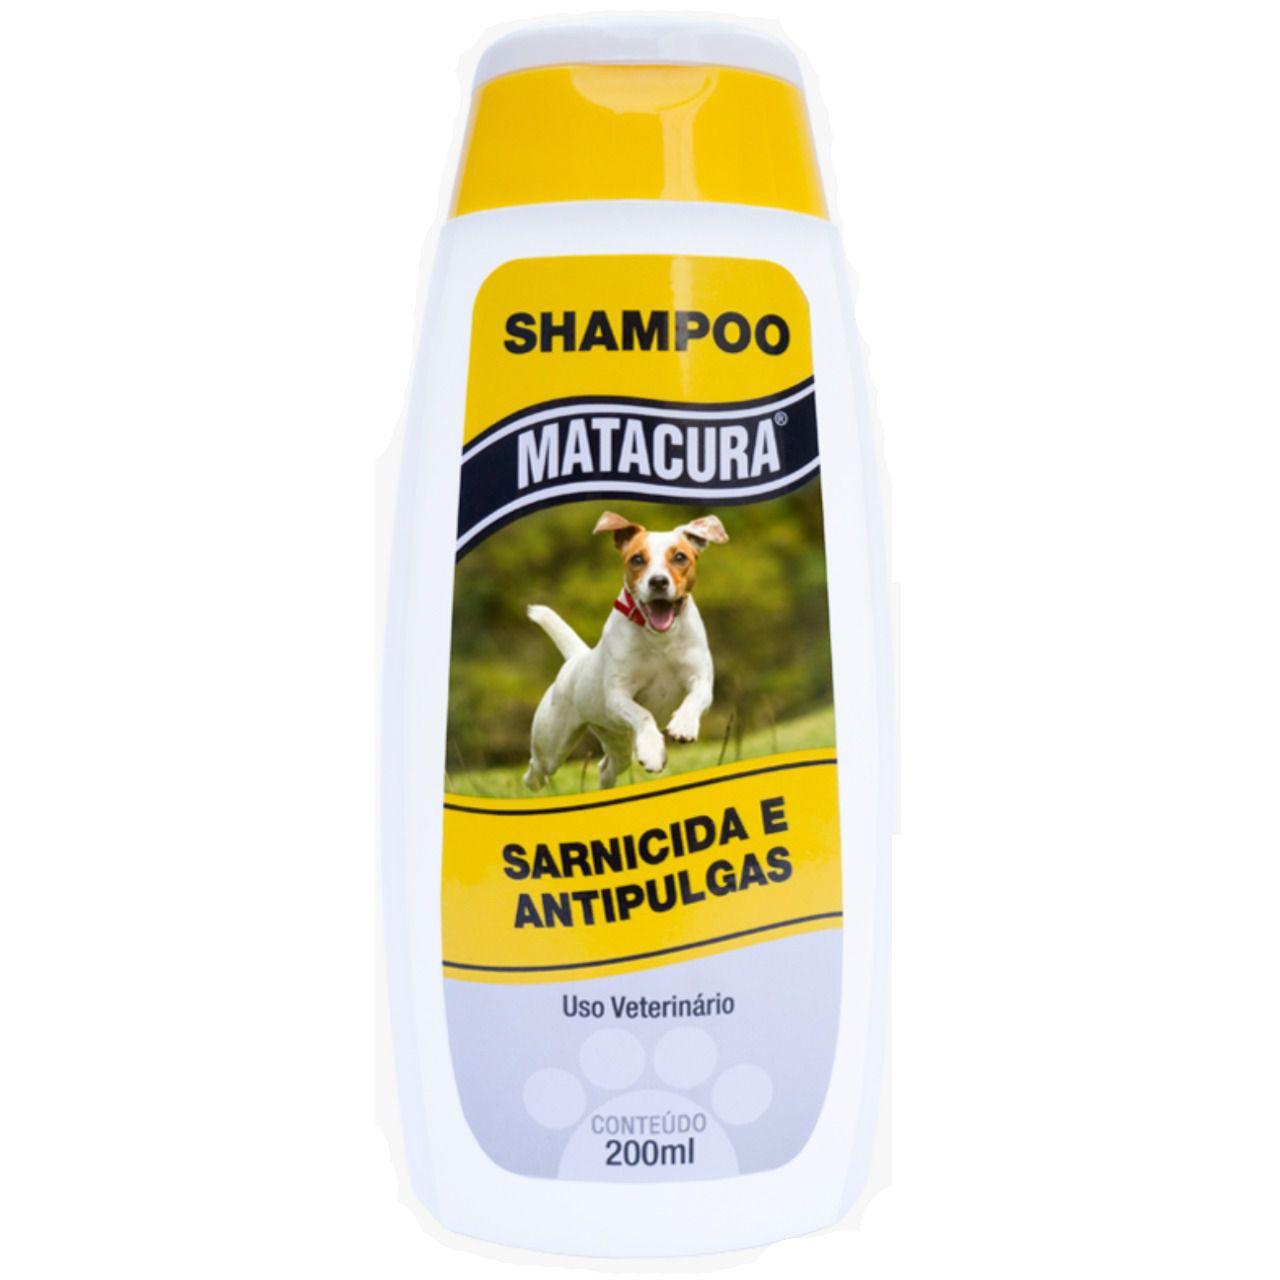 Matacura Shampoo Sarnicida e Anti-Pulgas 200ml